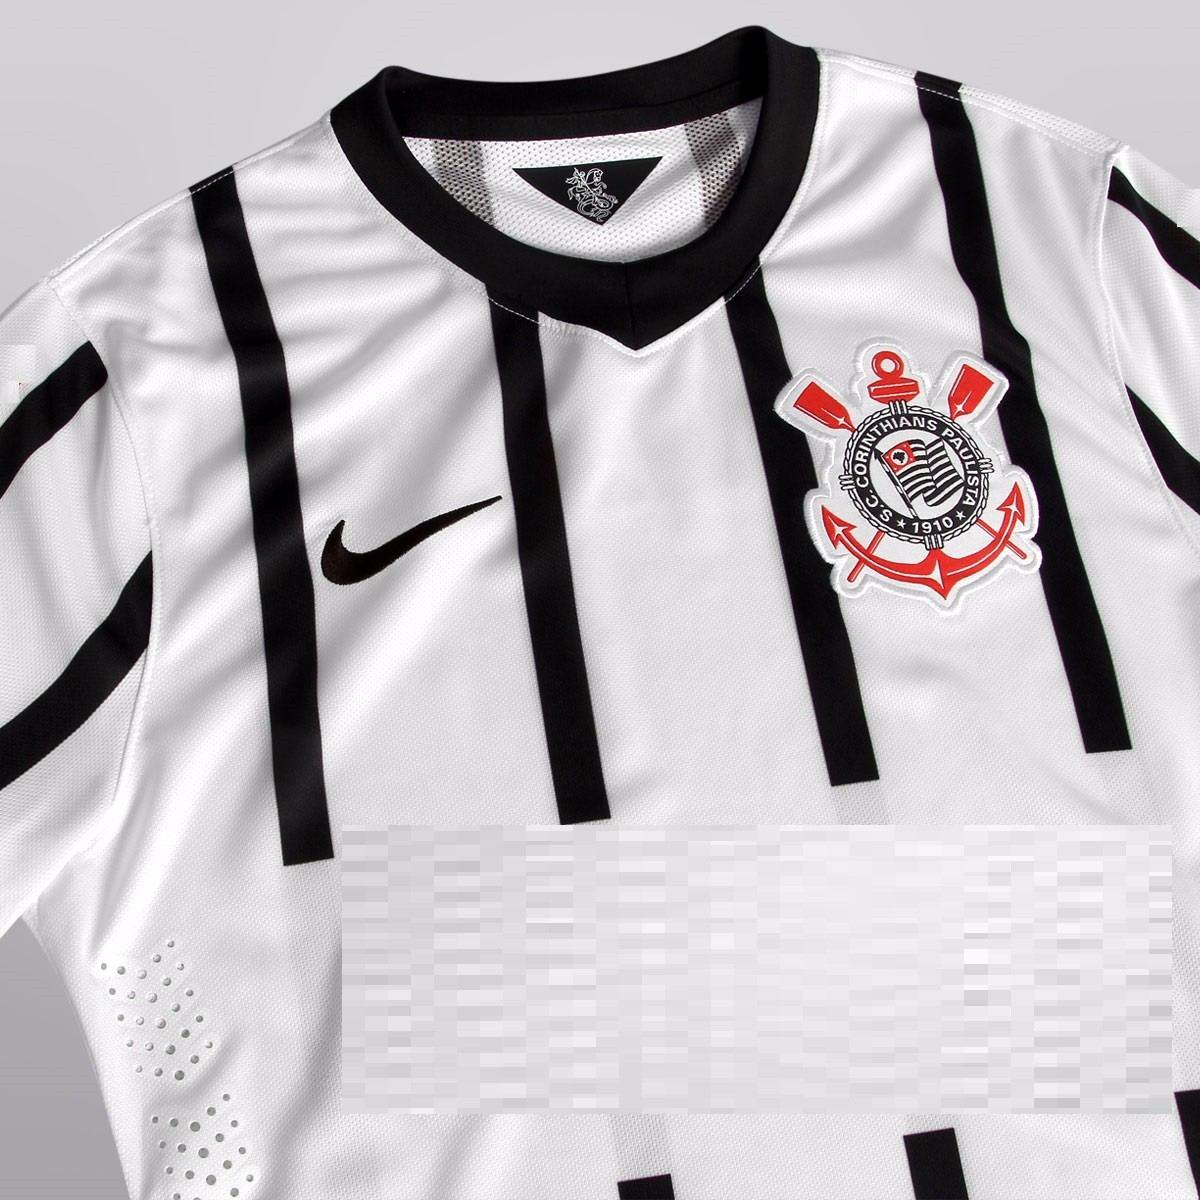 5800768c1c Camisa Corinthians Nike I 2014   2015 - S nº - Jogador - R  187